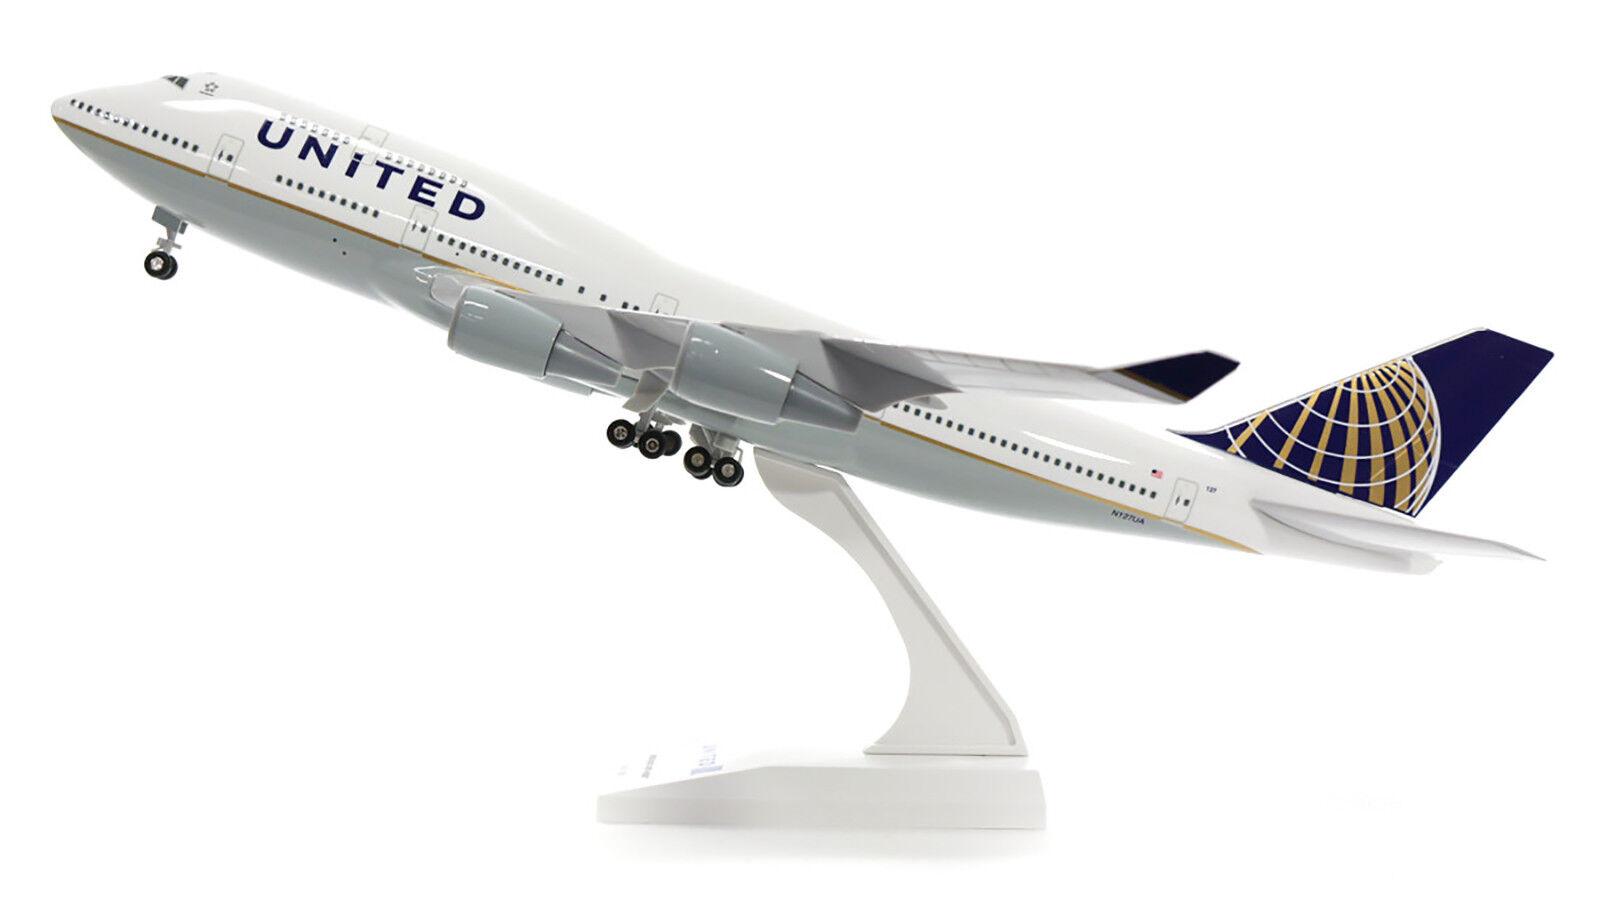 Skymarks vereinigten boeing 400 747 - 400 boeing post - merger skr614 1   200 der verordn   n127ua w   ausr  stung 9f3028